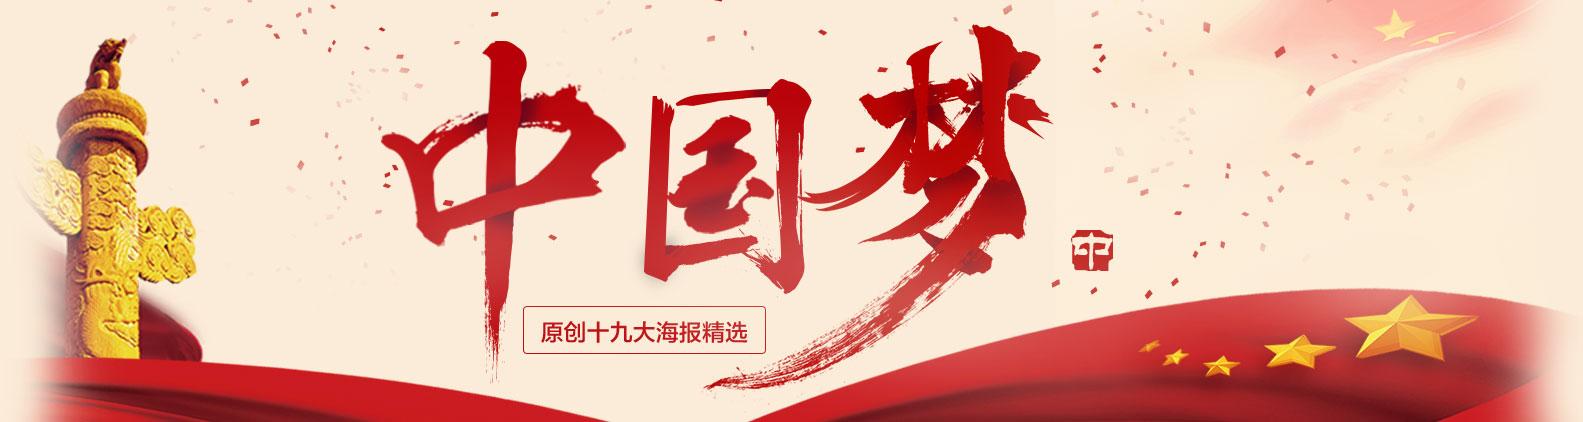 【平面】十九大海报